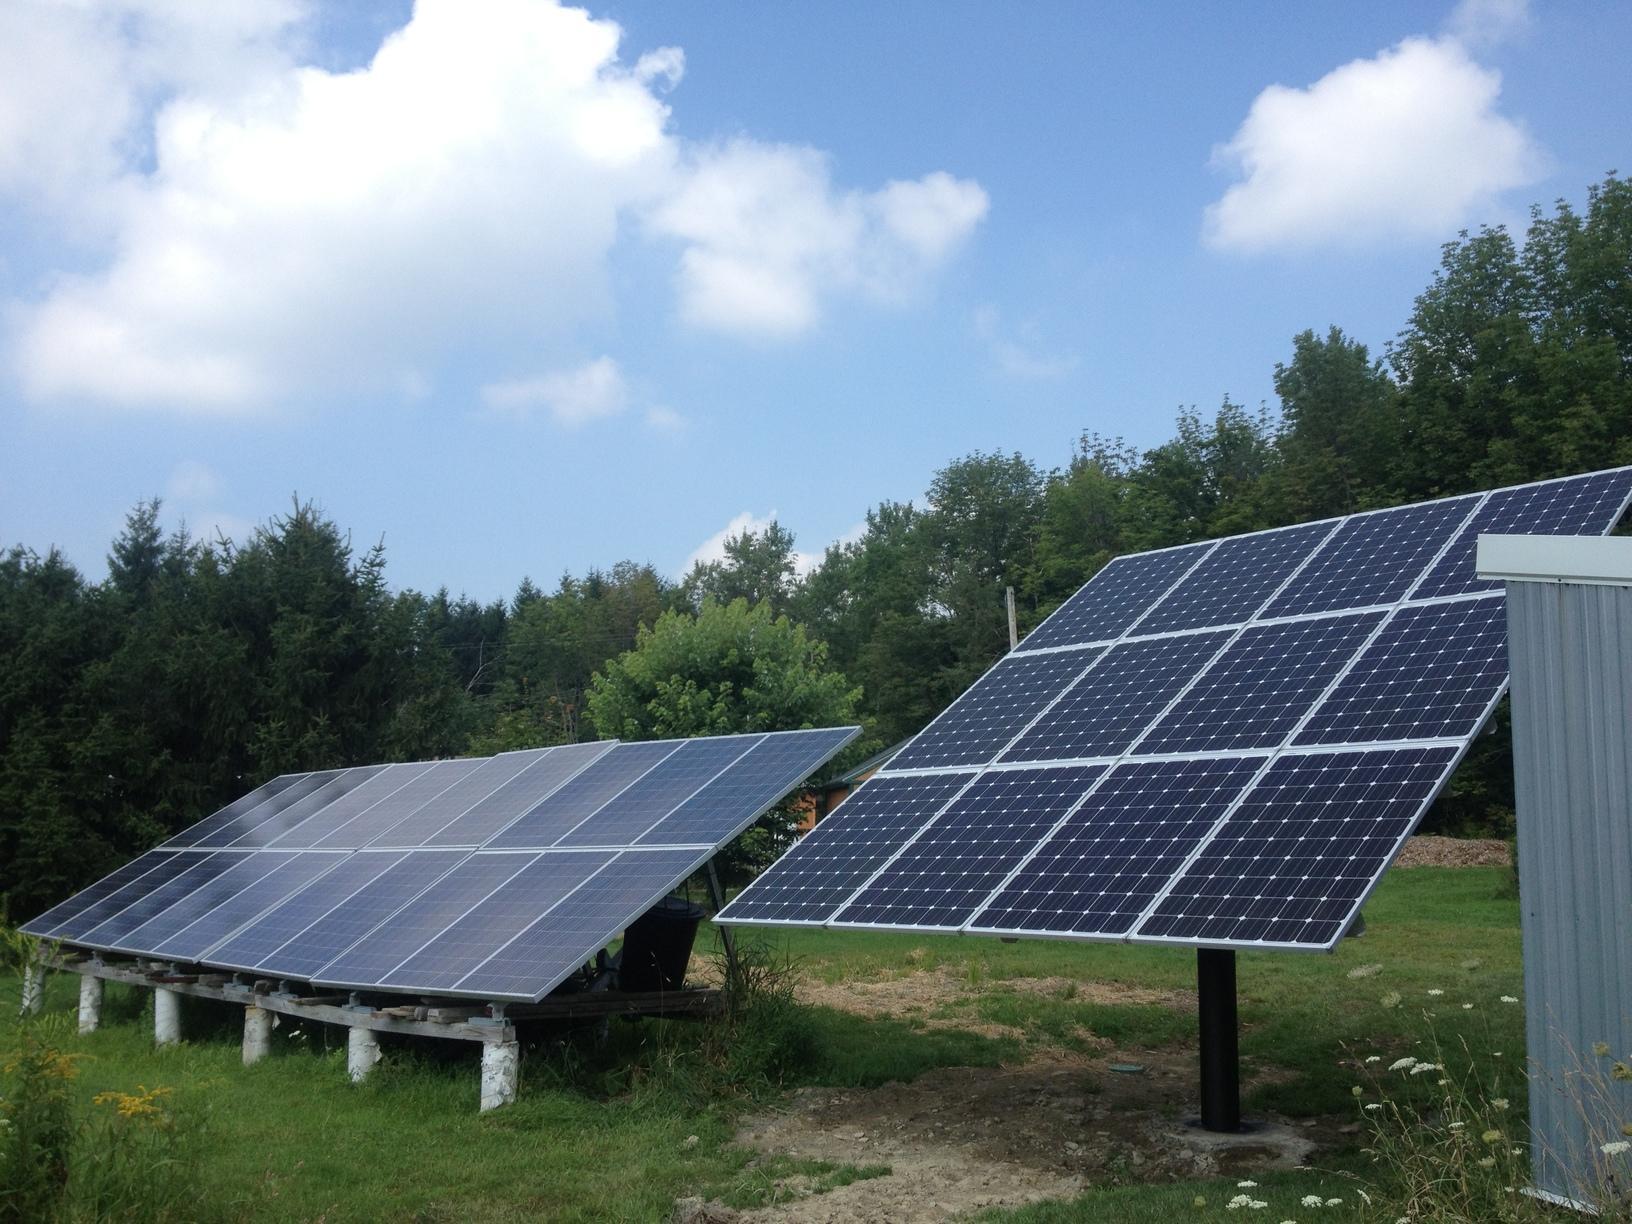 New Solar Panel Installation in Cincinnatus, NY